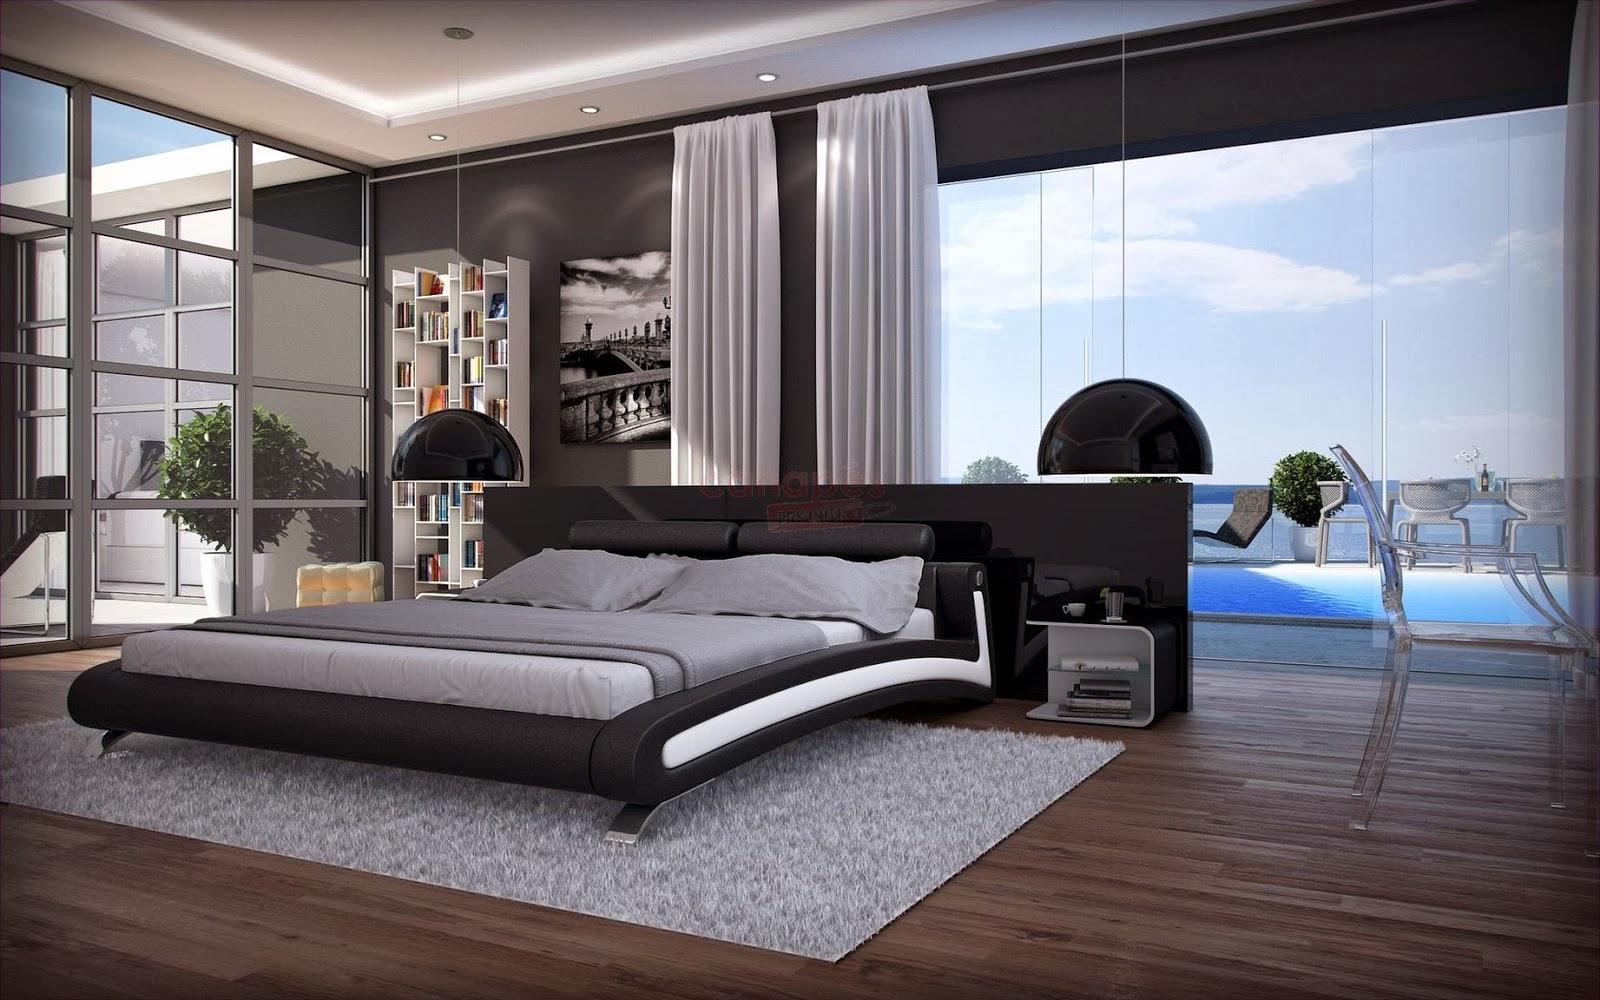 Disposition de meubles dans une piece id es d co pour for Disposition des meubles dans une chambre